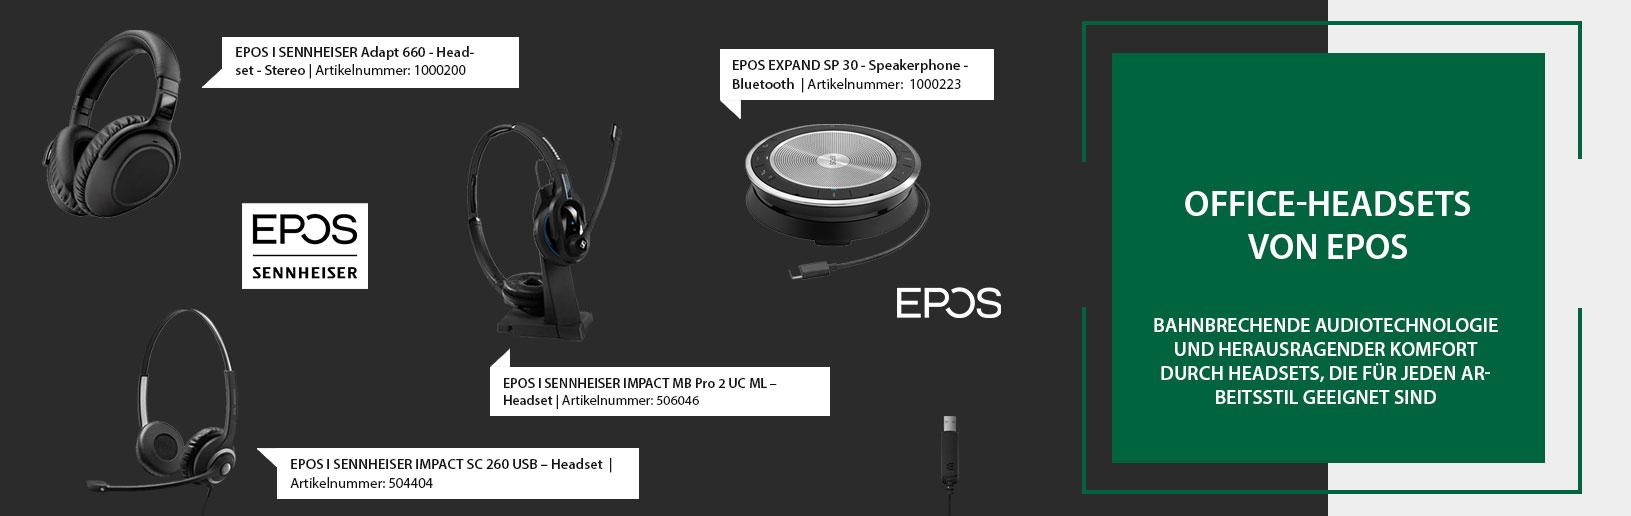 Epos Banner